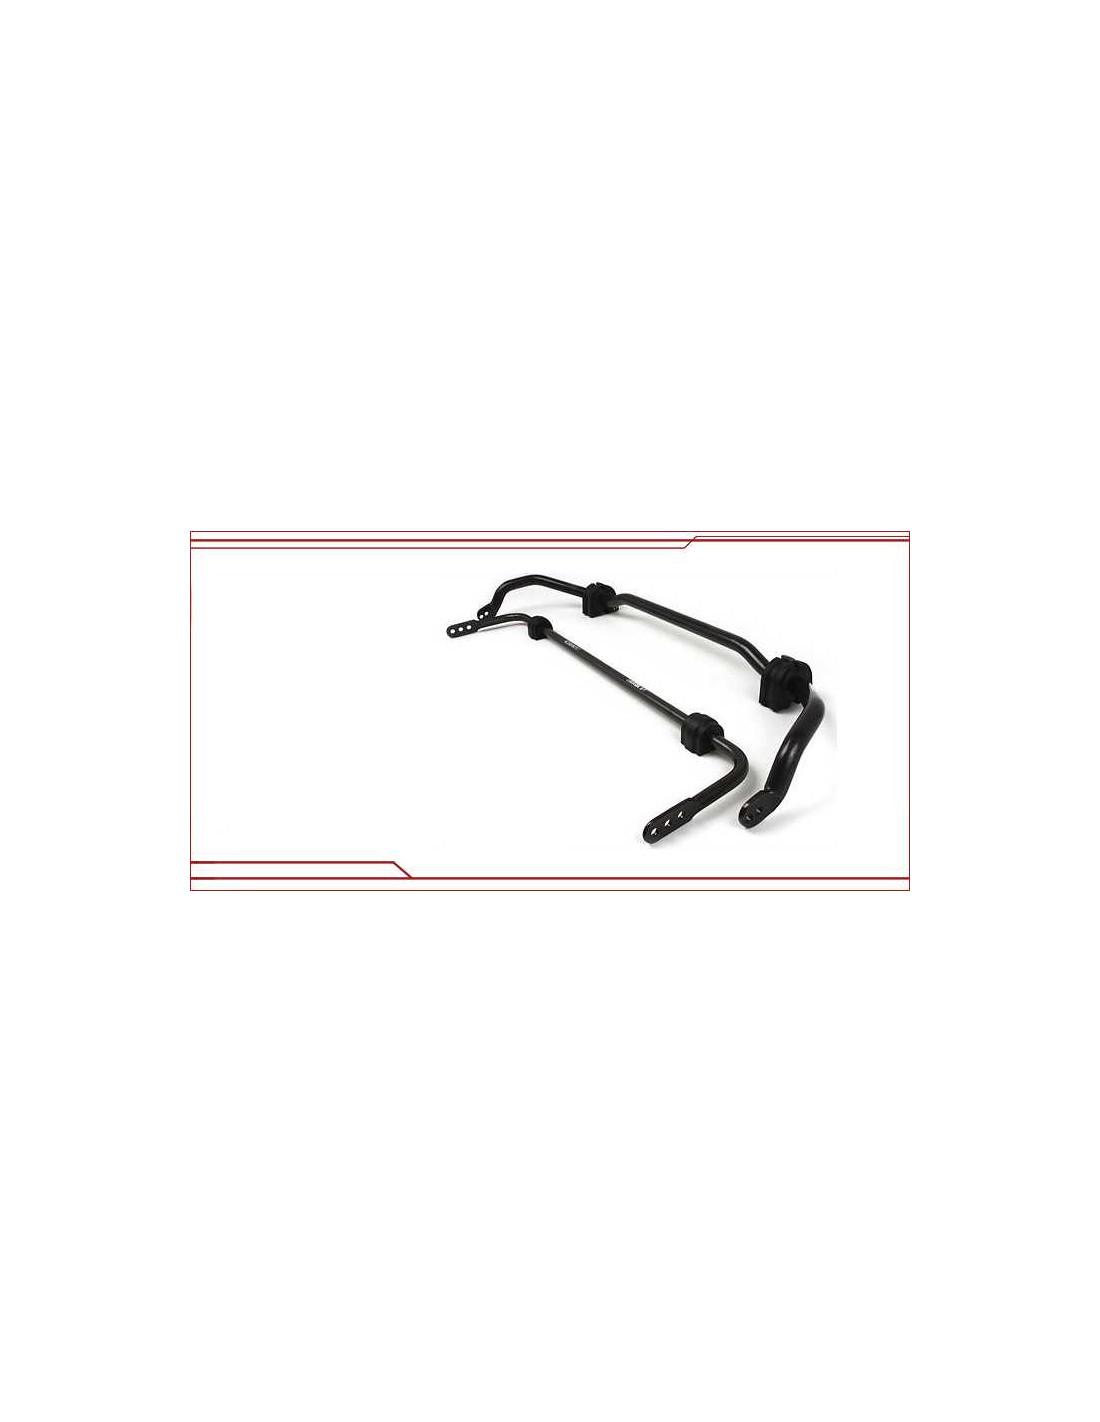 kit barre anti roulis golf 3 h r vr6 gti 16v 439 00. Black Bedroom Furniture Sets. Home Design Ideas